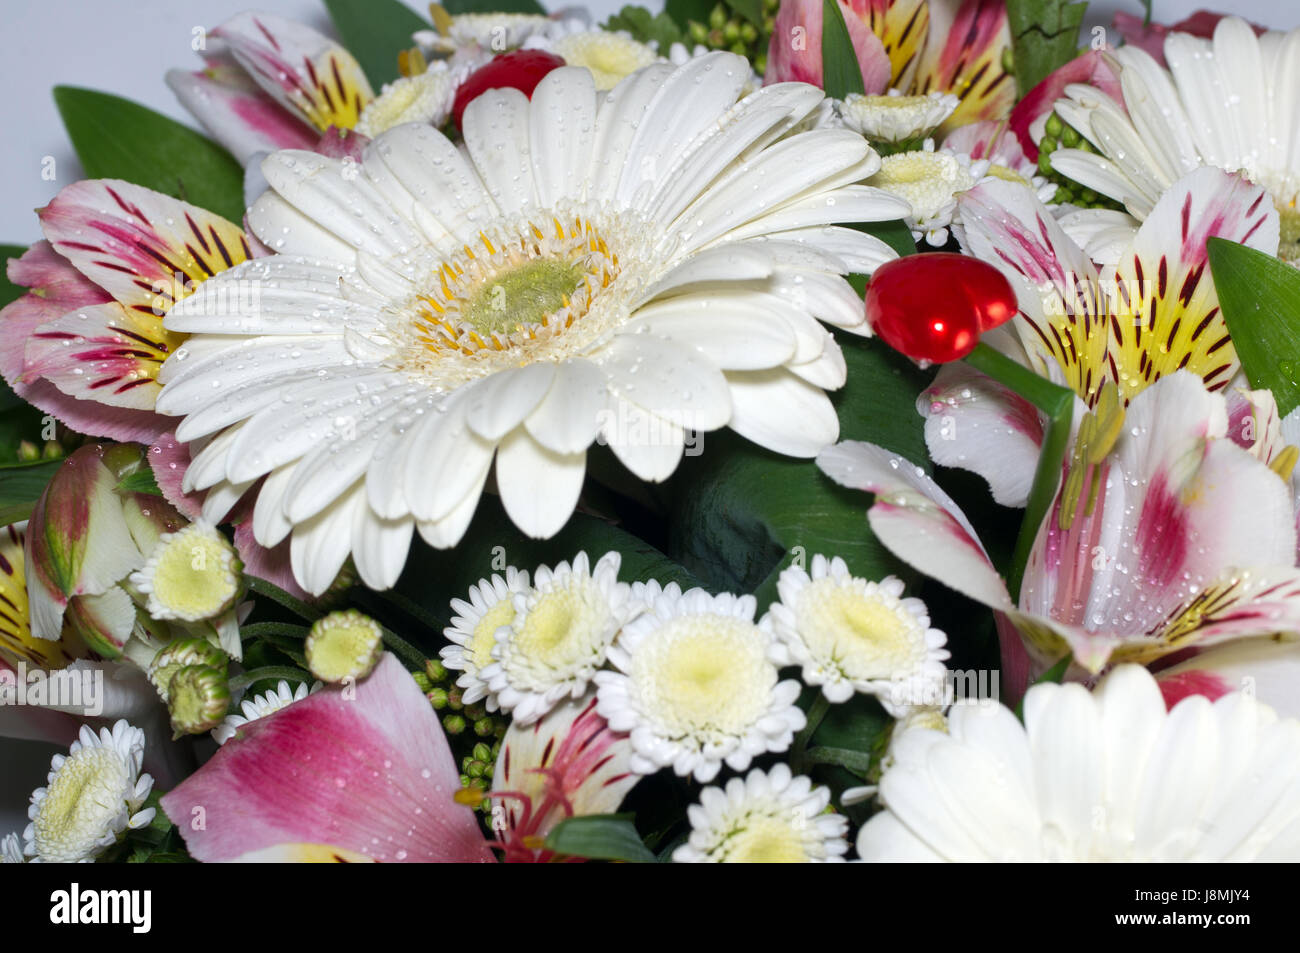 Bunch Of Flowers Chrysanthemum Gerbera Alstroemeria Leaves Of